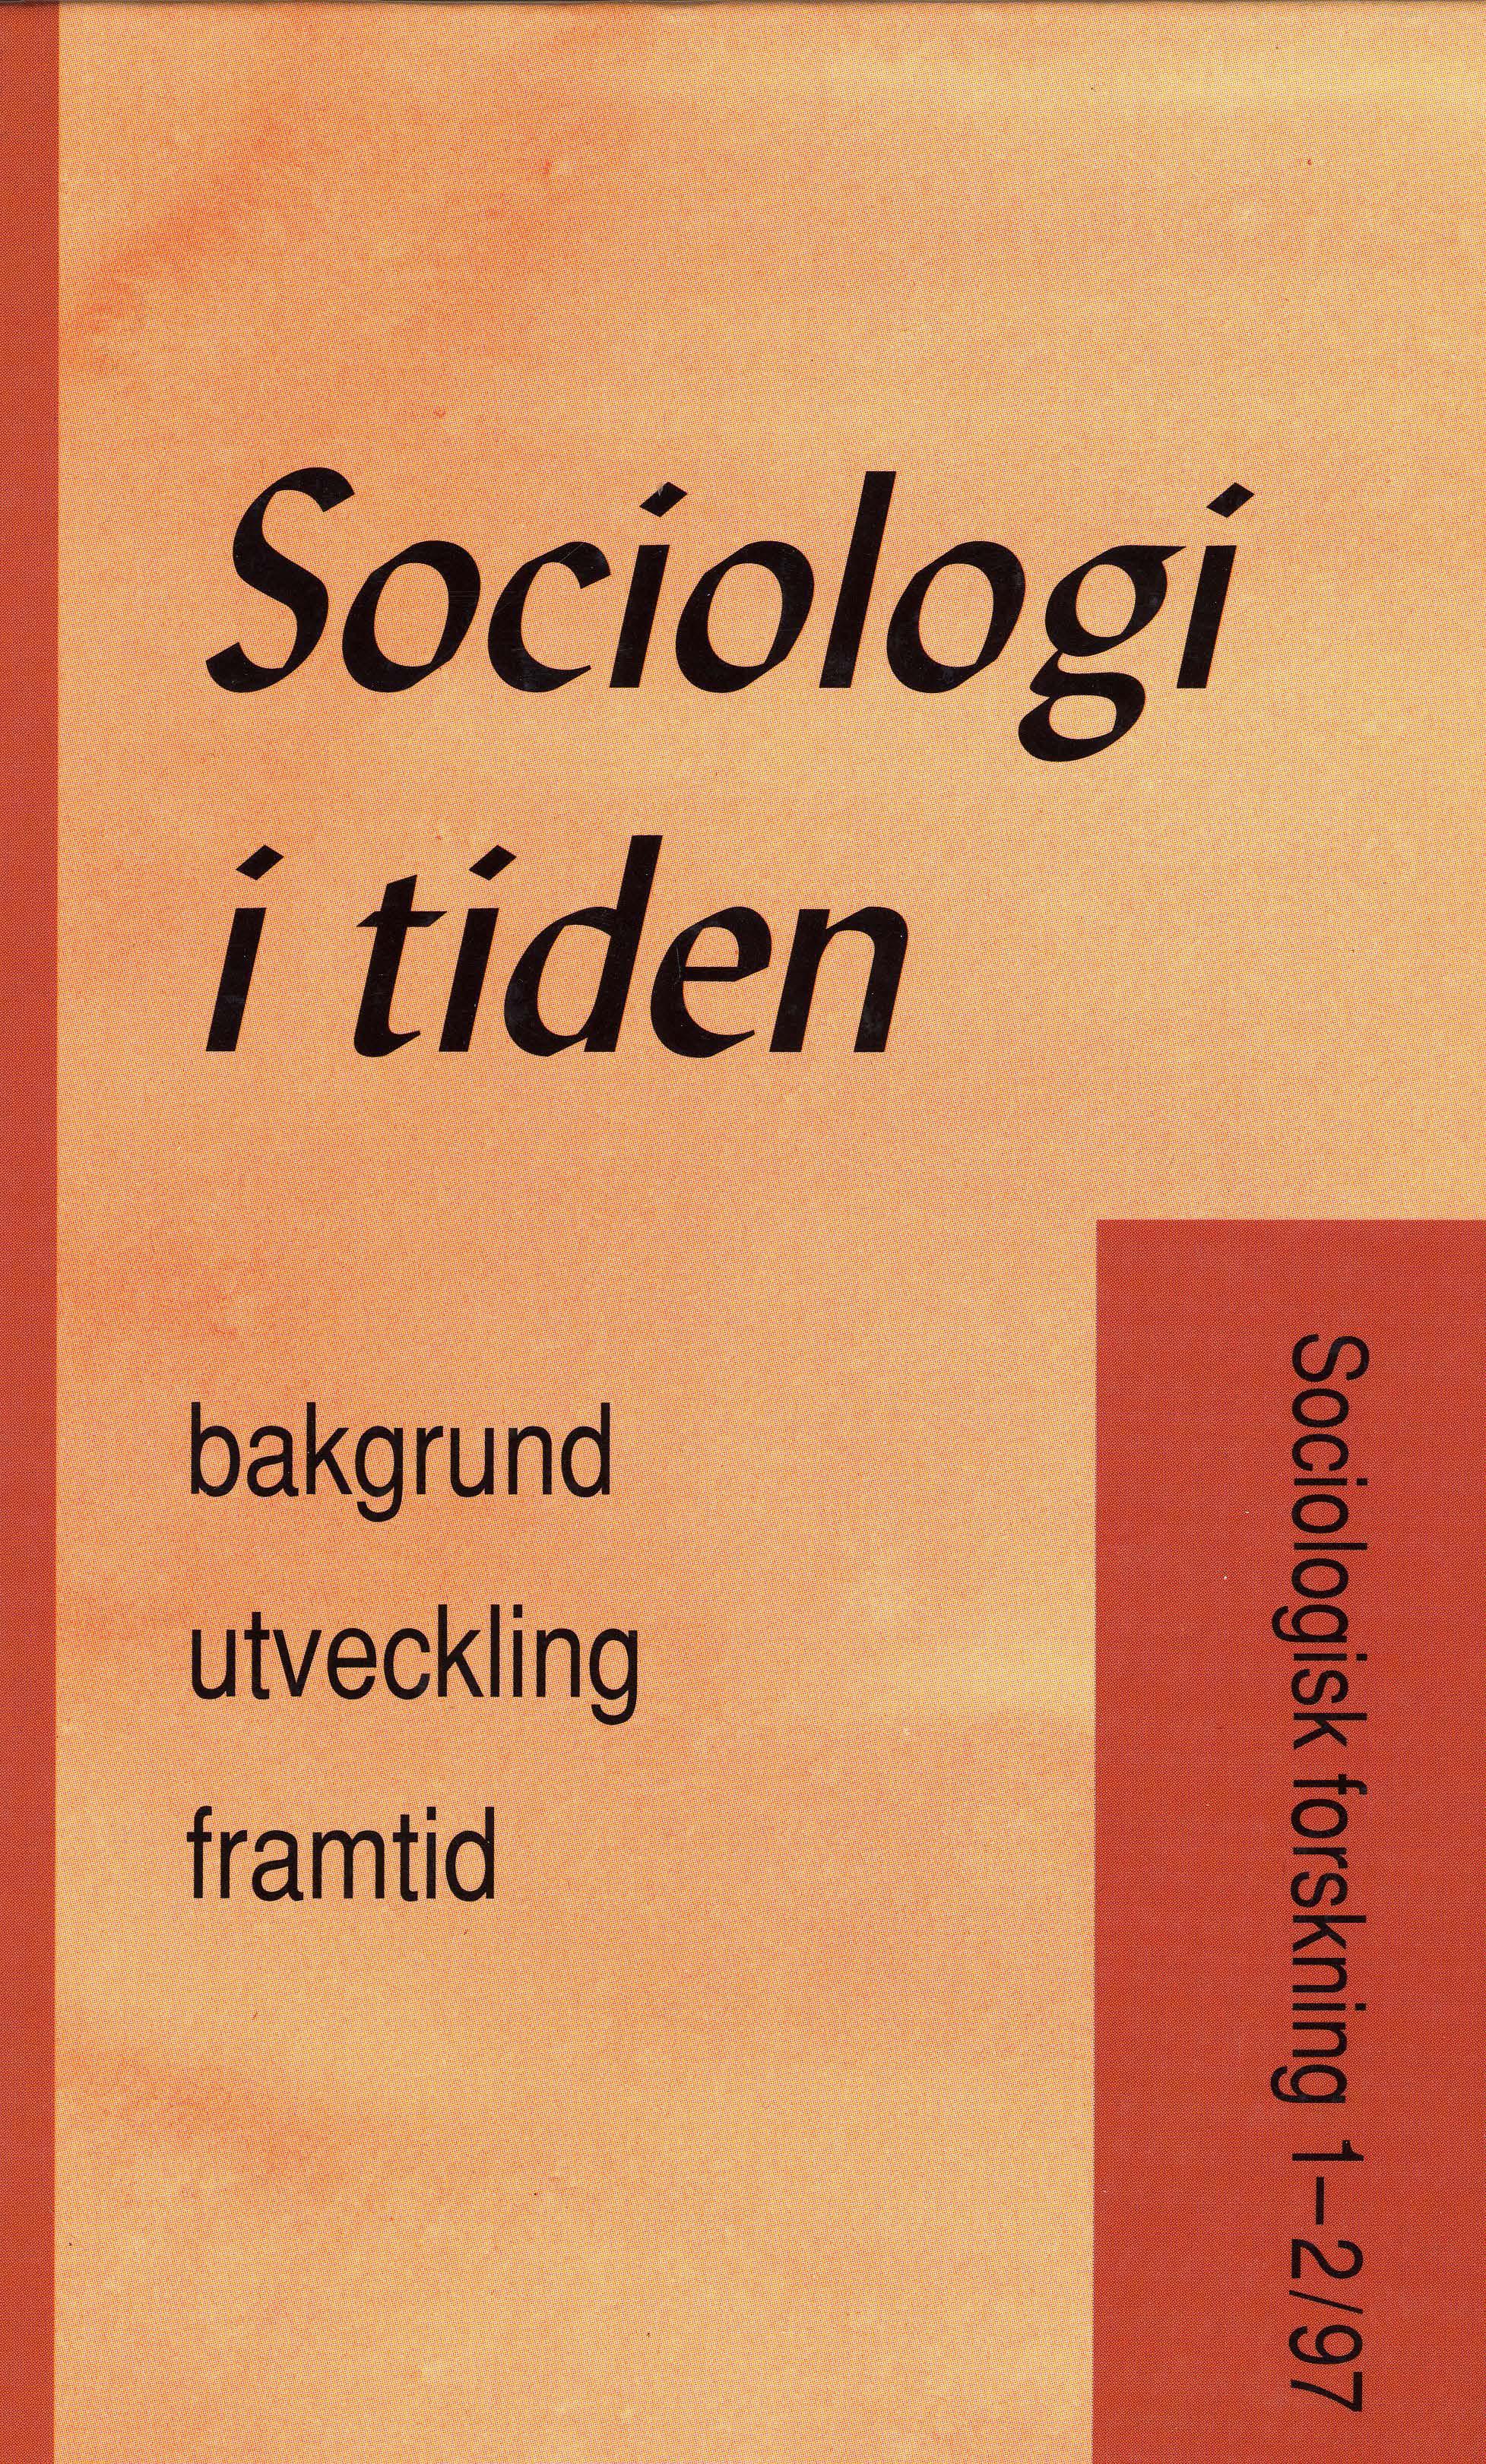 Visa Vol 34 Nr 1-2 (1997): Sociologi i tiden. Bakgrund, utveckling, framtid.